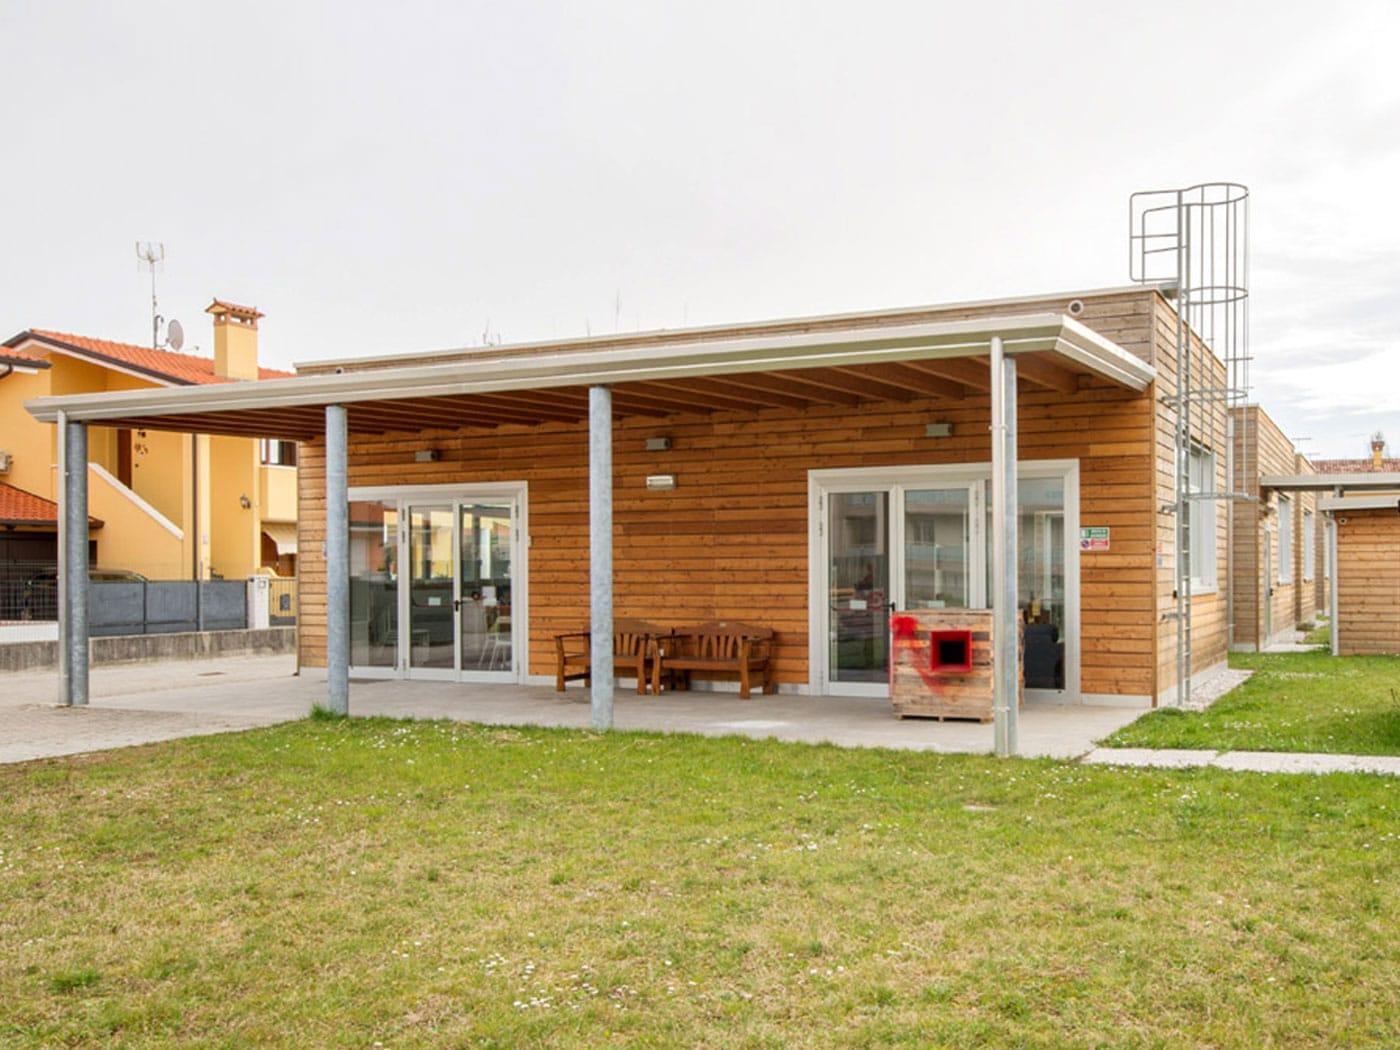 Centro sociale polifunzionale integrato per disabili